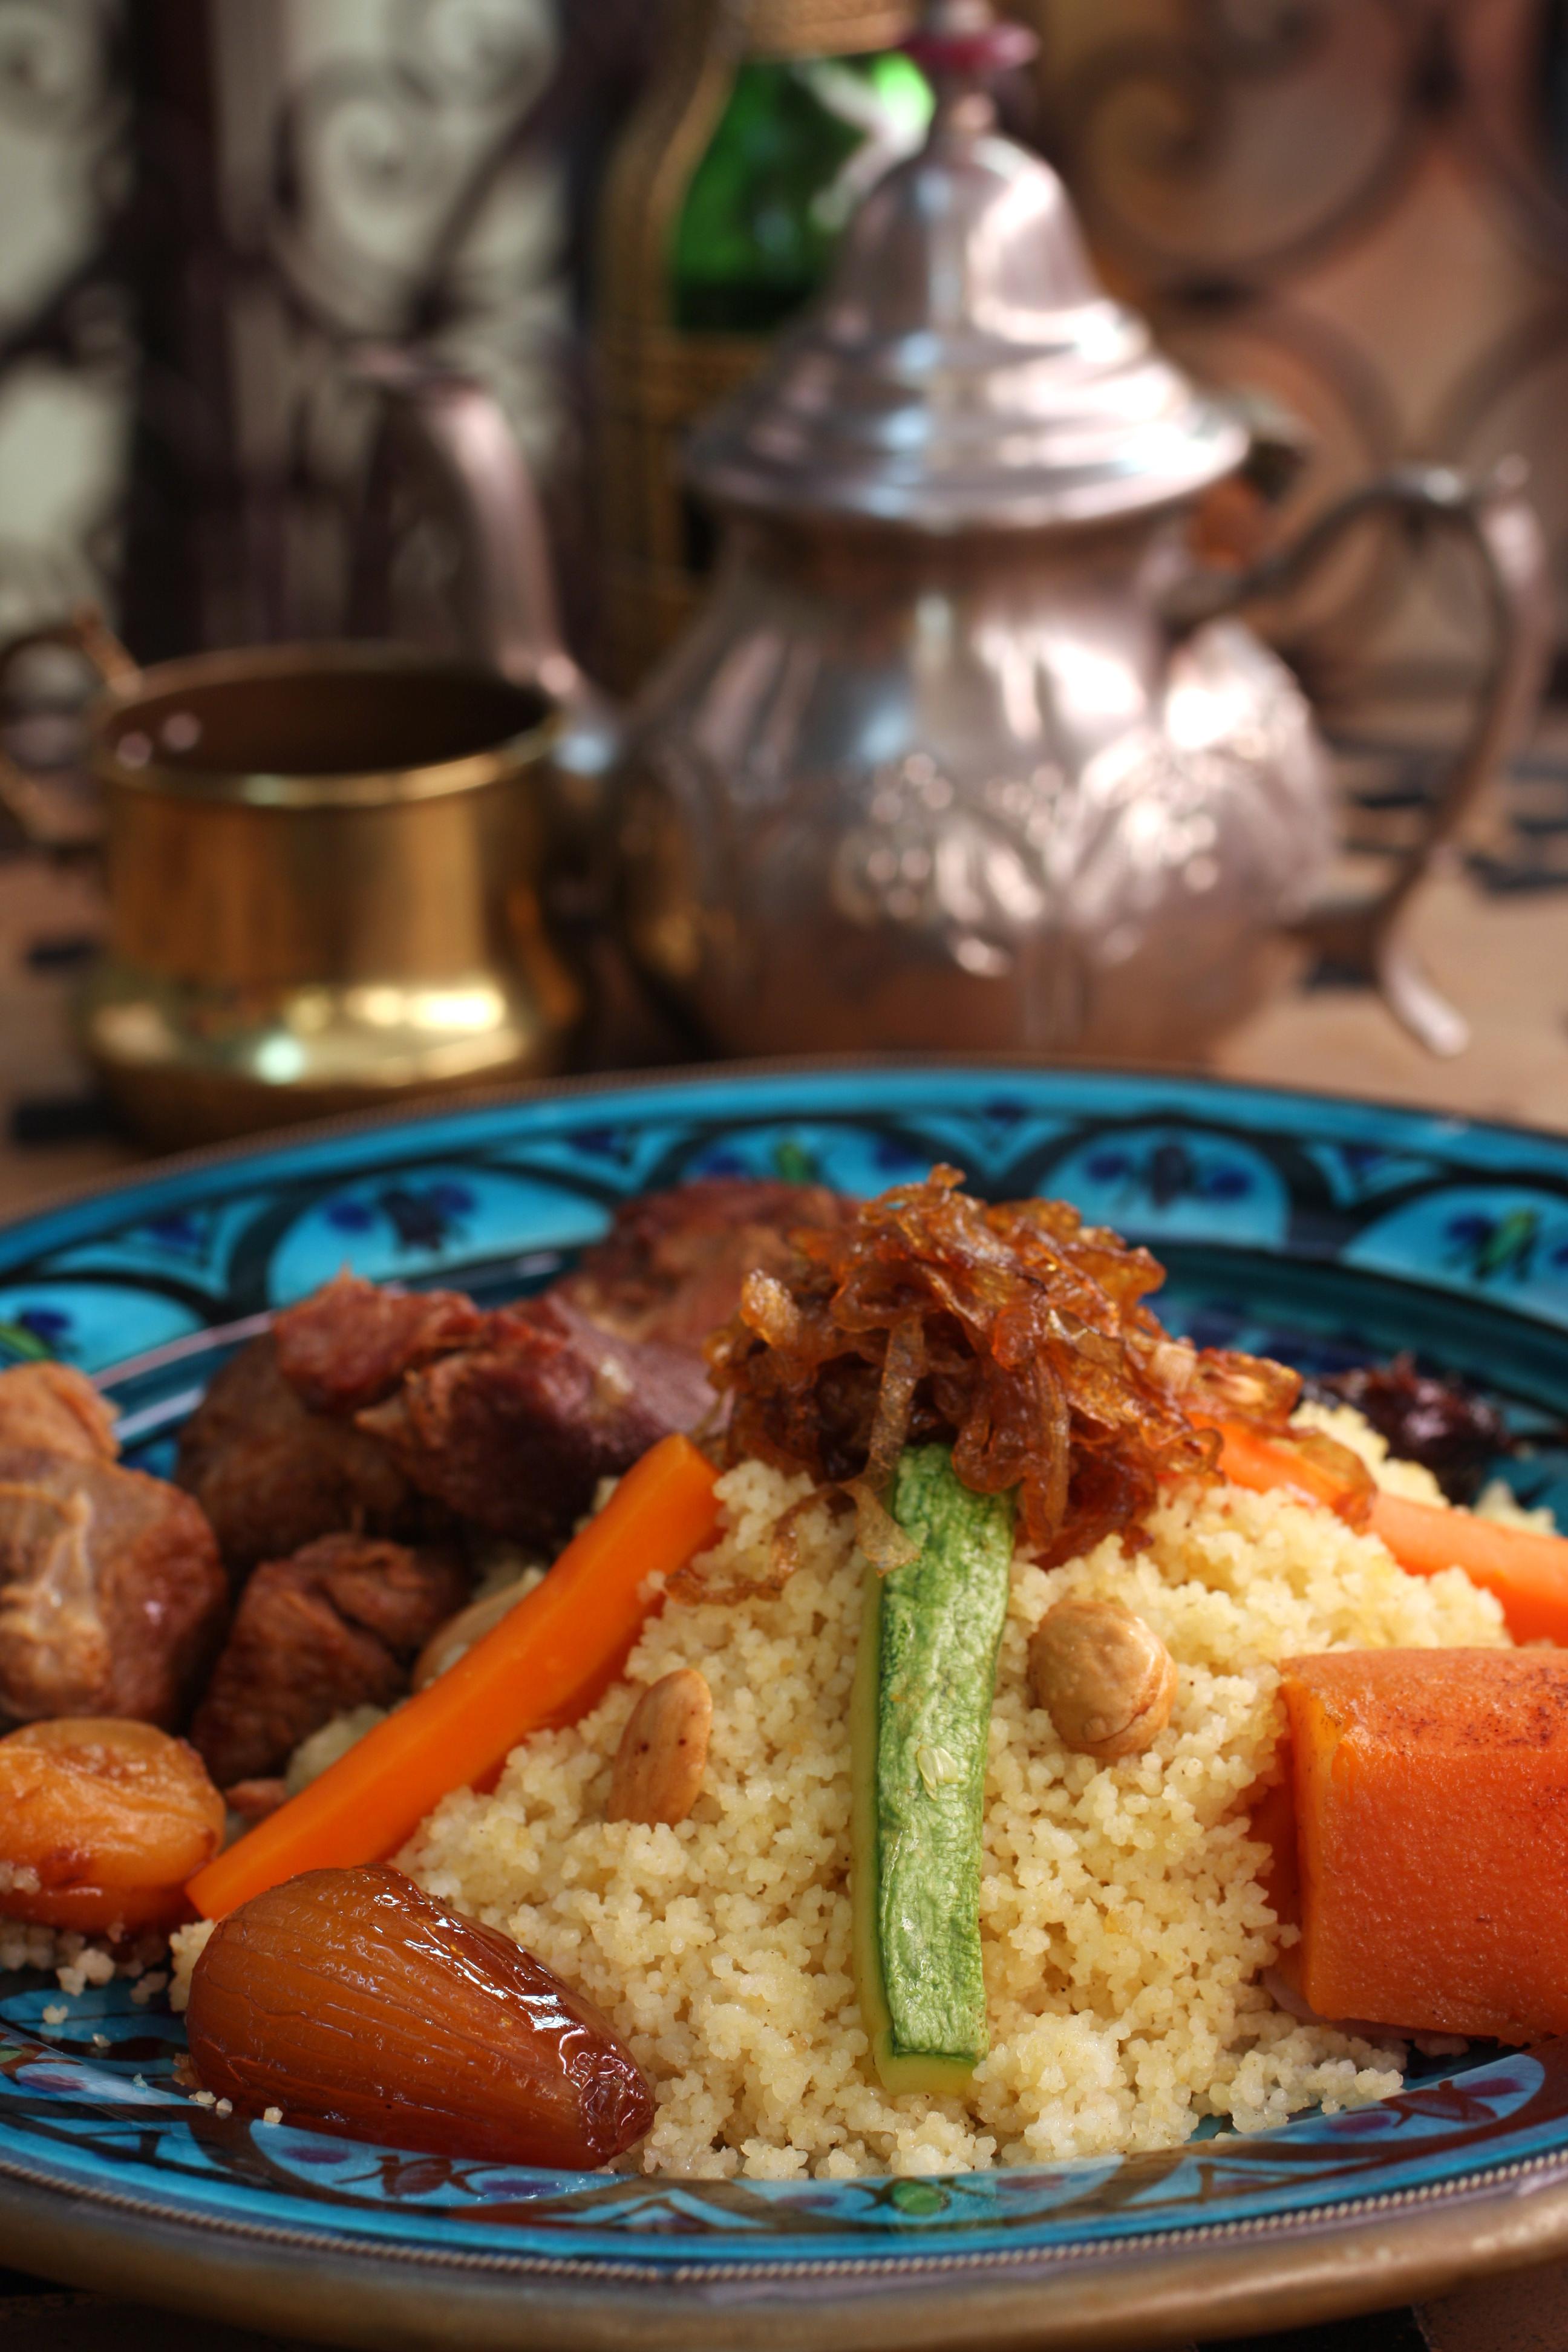 Servida à parte no Tanger, a harissa apimenta pratos como o Couscous Royal, com couscousmarroquino, cordeiro, legumes, frutas secas, amêndoas, grão de bico e cebola caramelizada